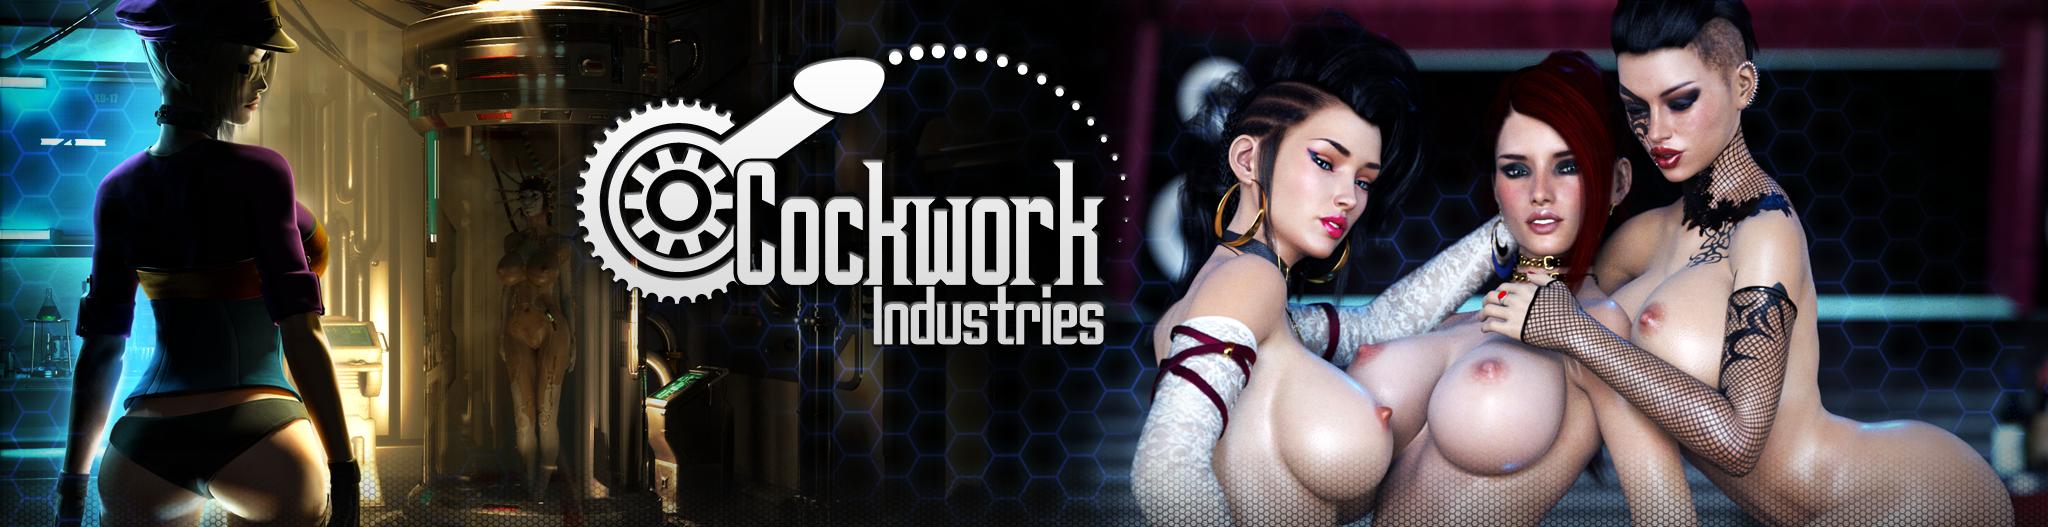 Cockwork Industries (18+)